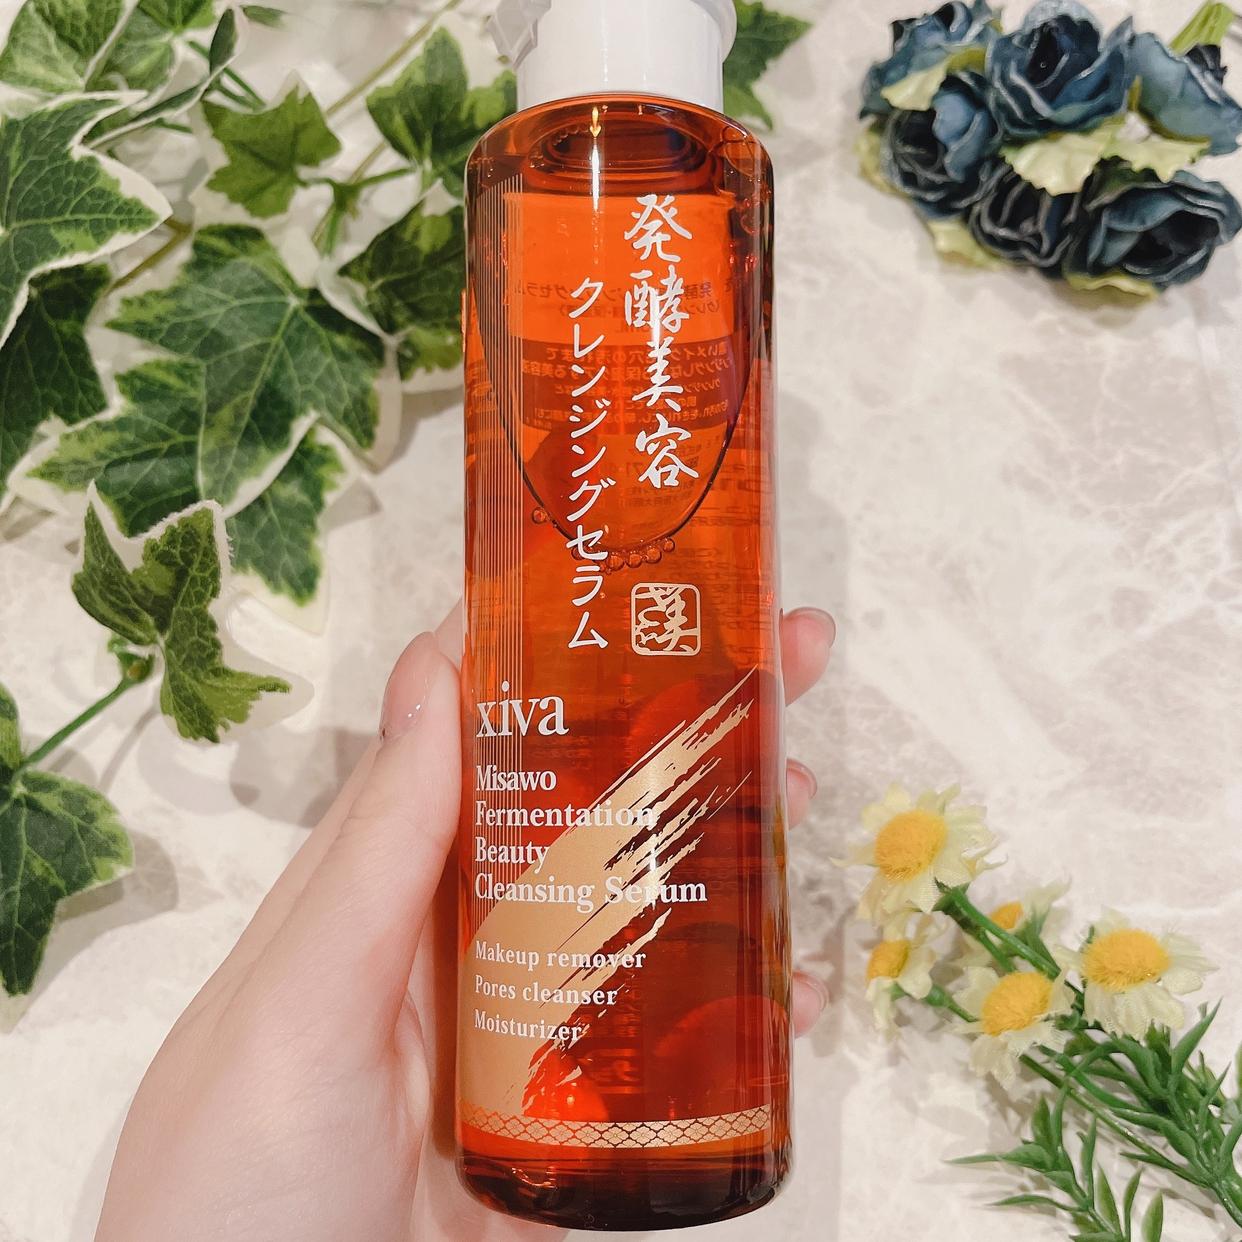 シーヴァ 美さを 発酵美容クレンジングセラムを使ったひとみんさんのクチコミ画像2